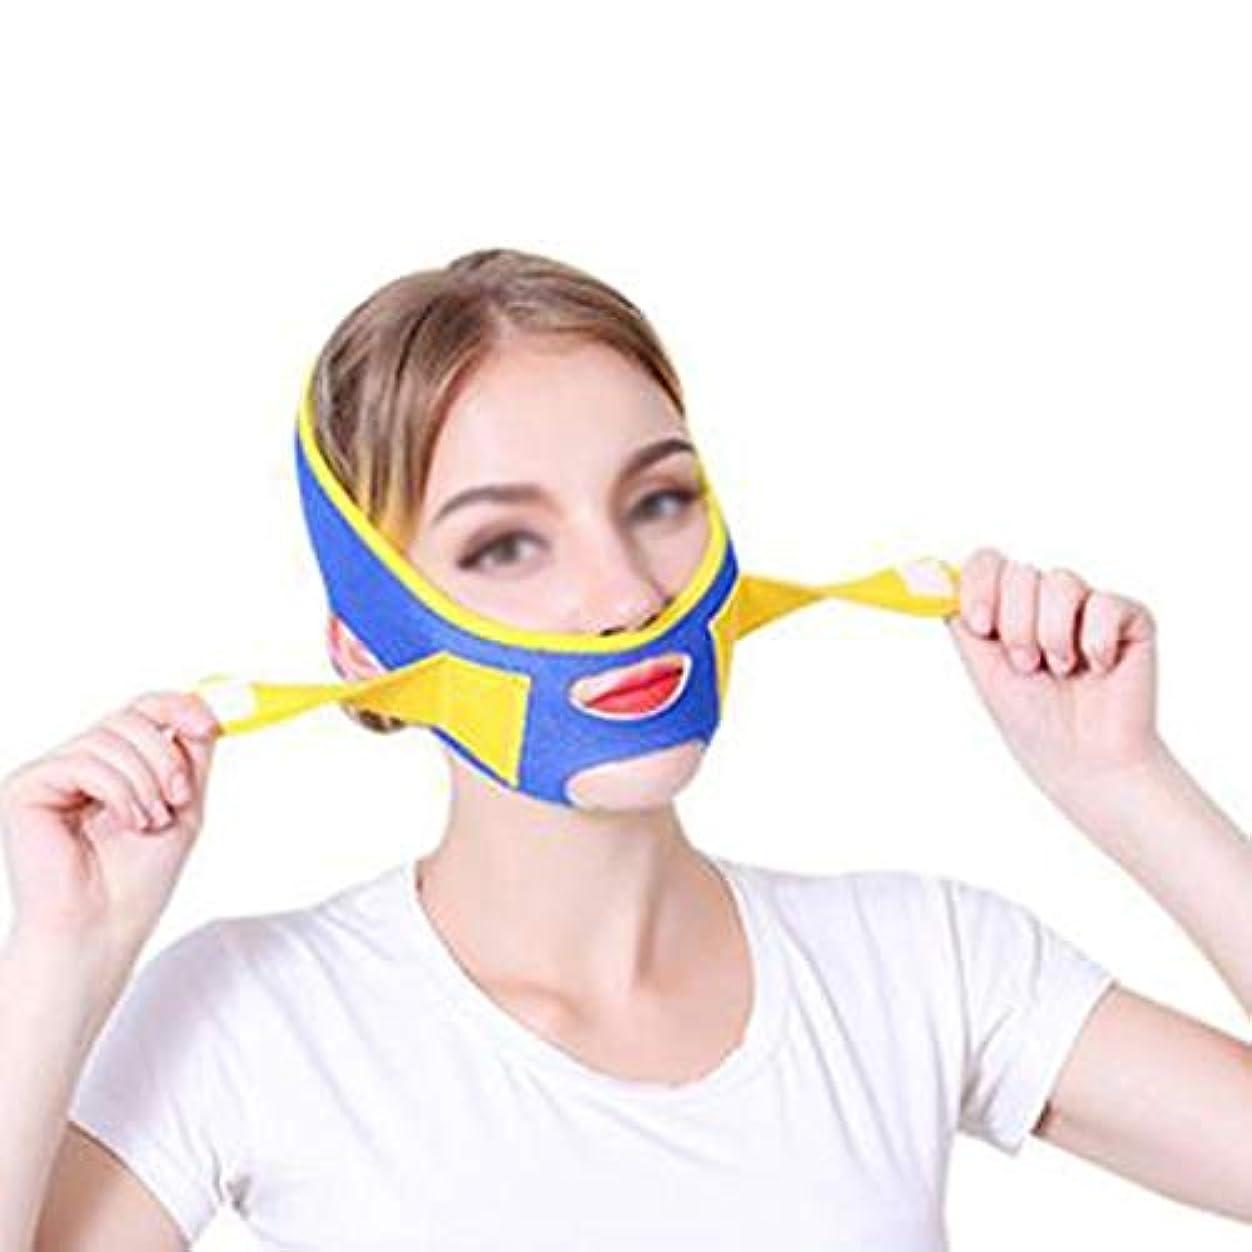 動的ダウンタウンドローZWBD フェイスマスク, リフティングフェイスマスク抗たるみVフェイスリフティング包帯を布布する薄い二重あご通気性睡眠マスクギフト